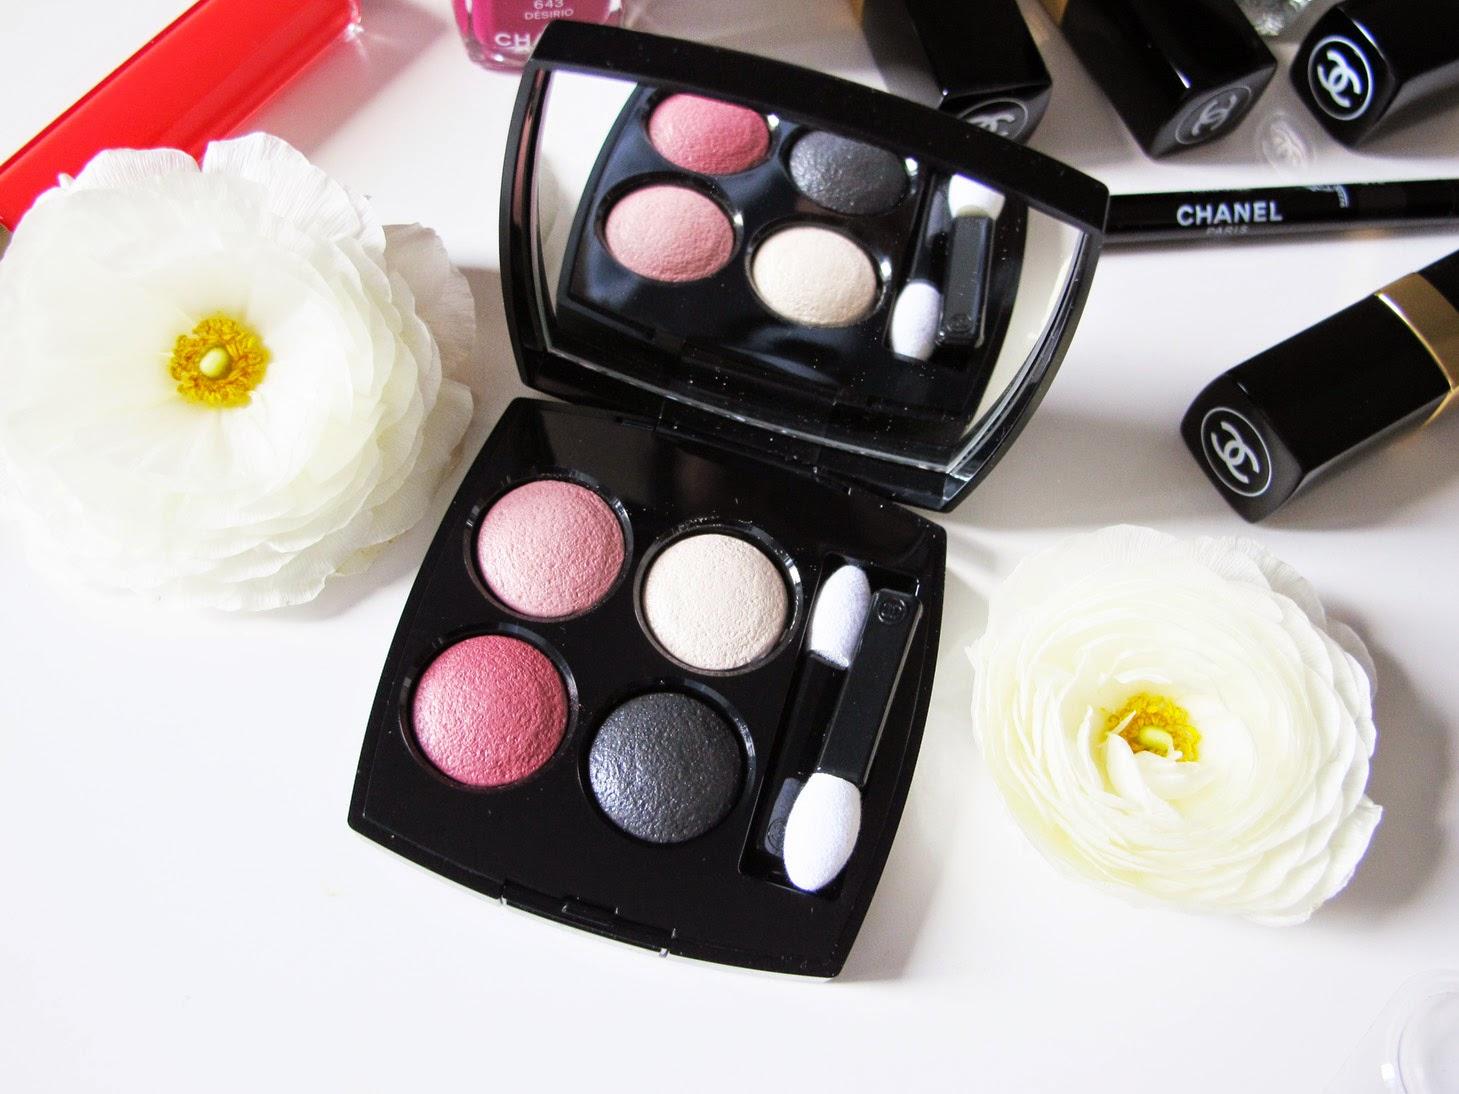 Chanel Les 4 Ombres Tissé Paris